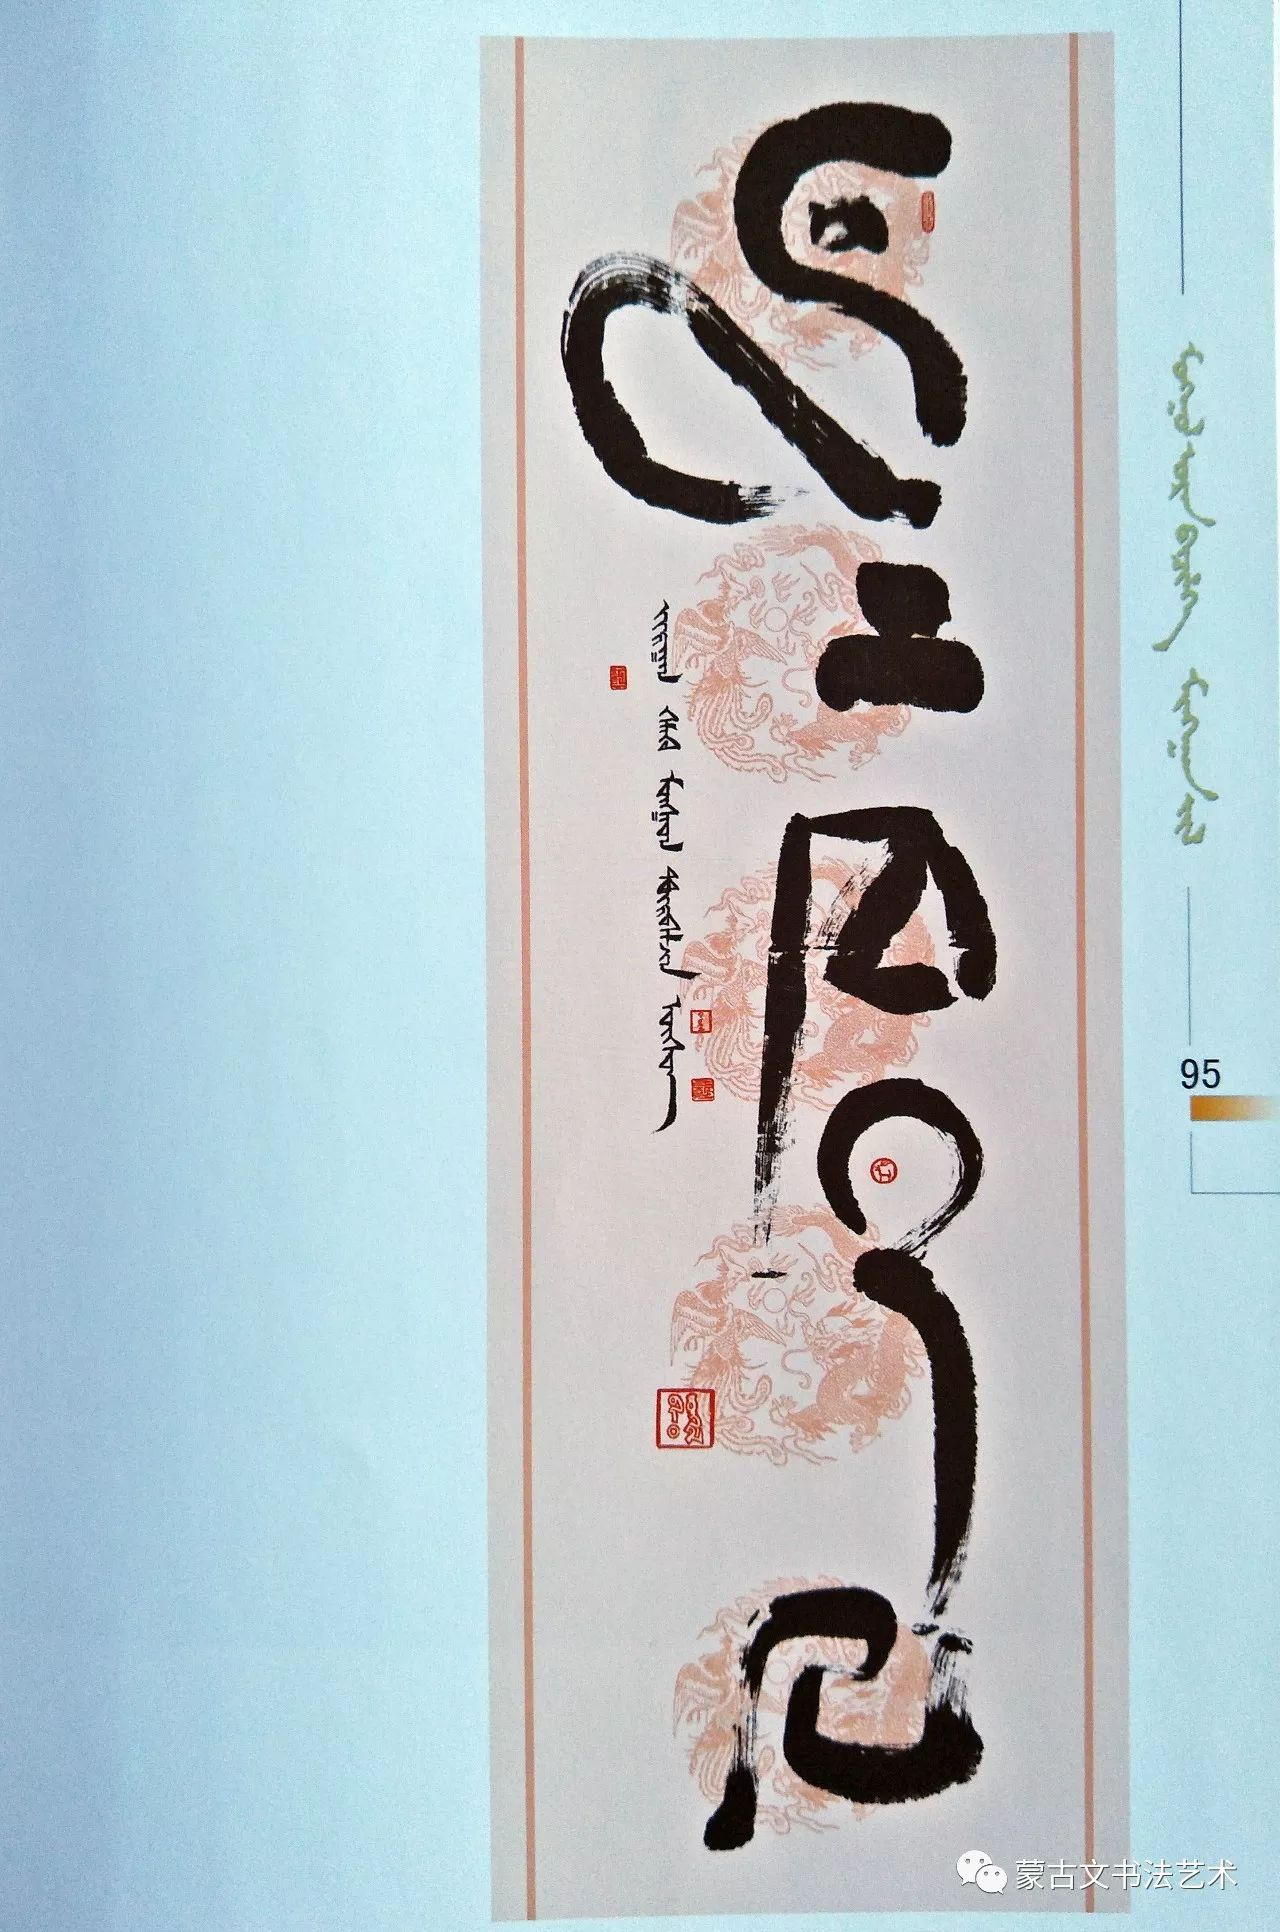 千年蒙古文书法 第3张 千年蒙古文书法 蒙古书法